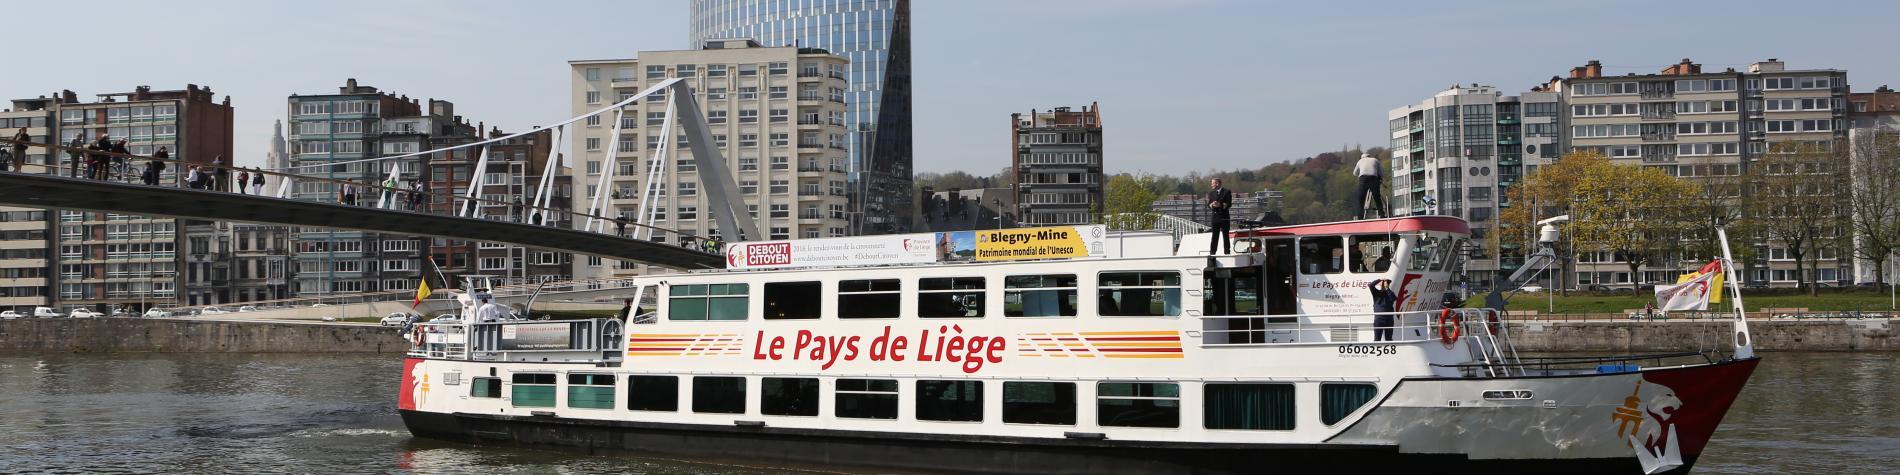 croisière Pays de Liège bateau pour réunion séminaires et conférences Special Venues en Wallonie